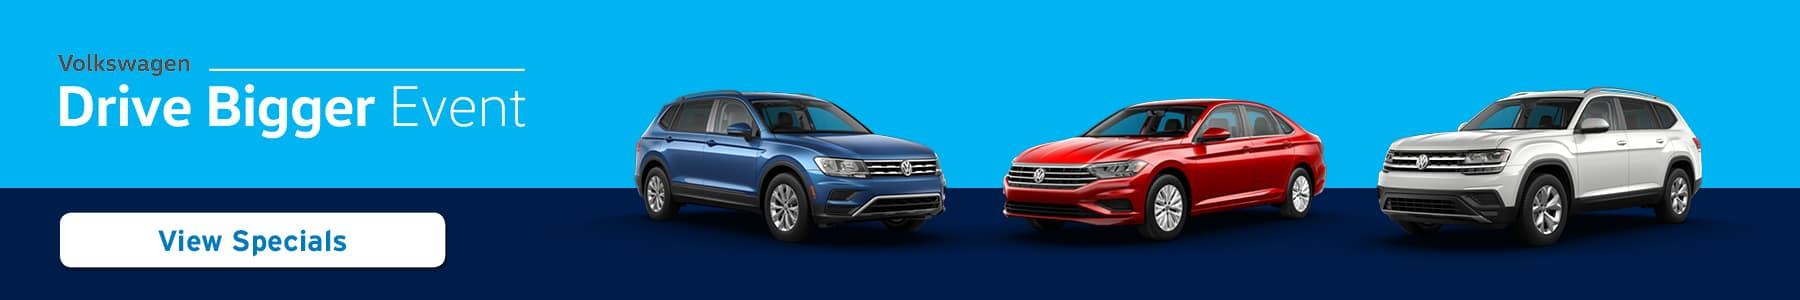 Volkswagen Drive Bigger Event